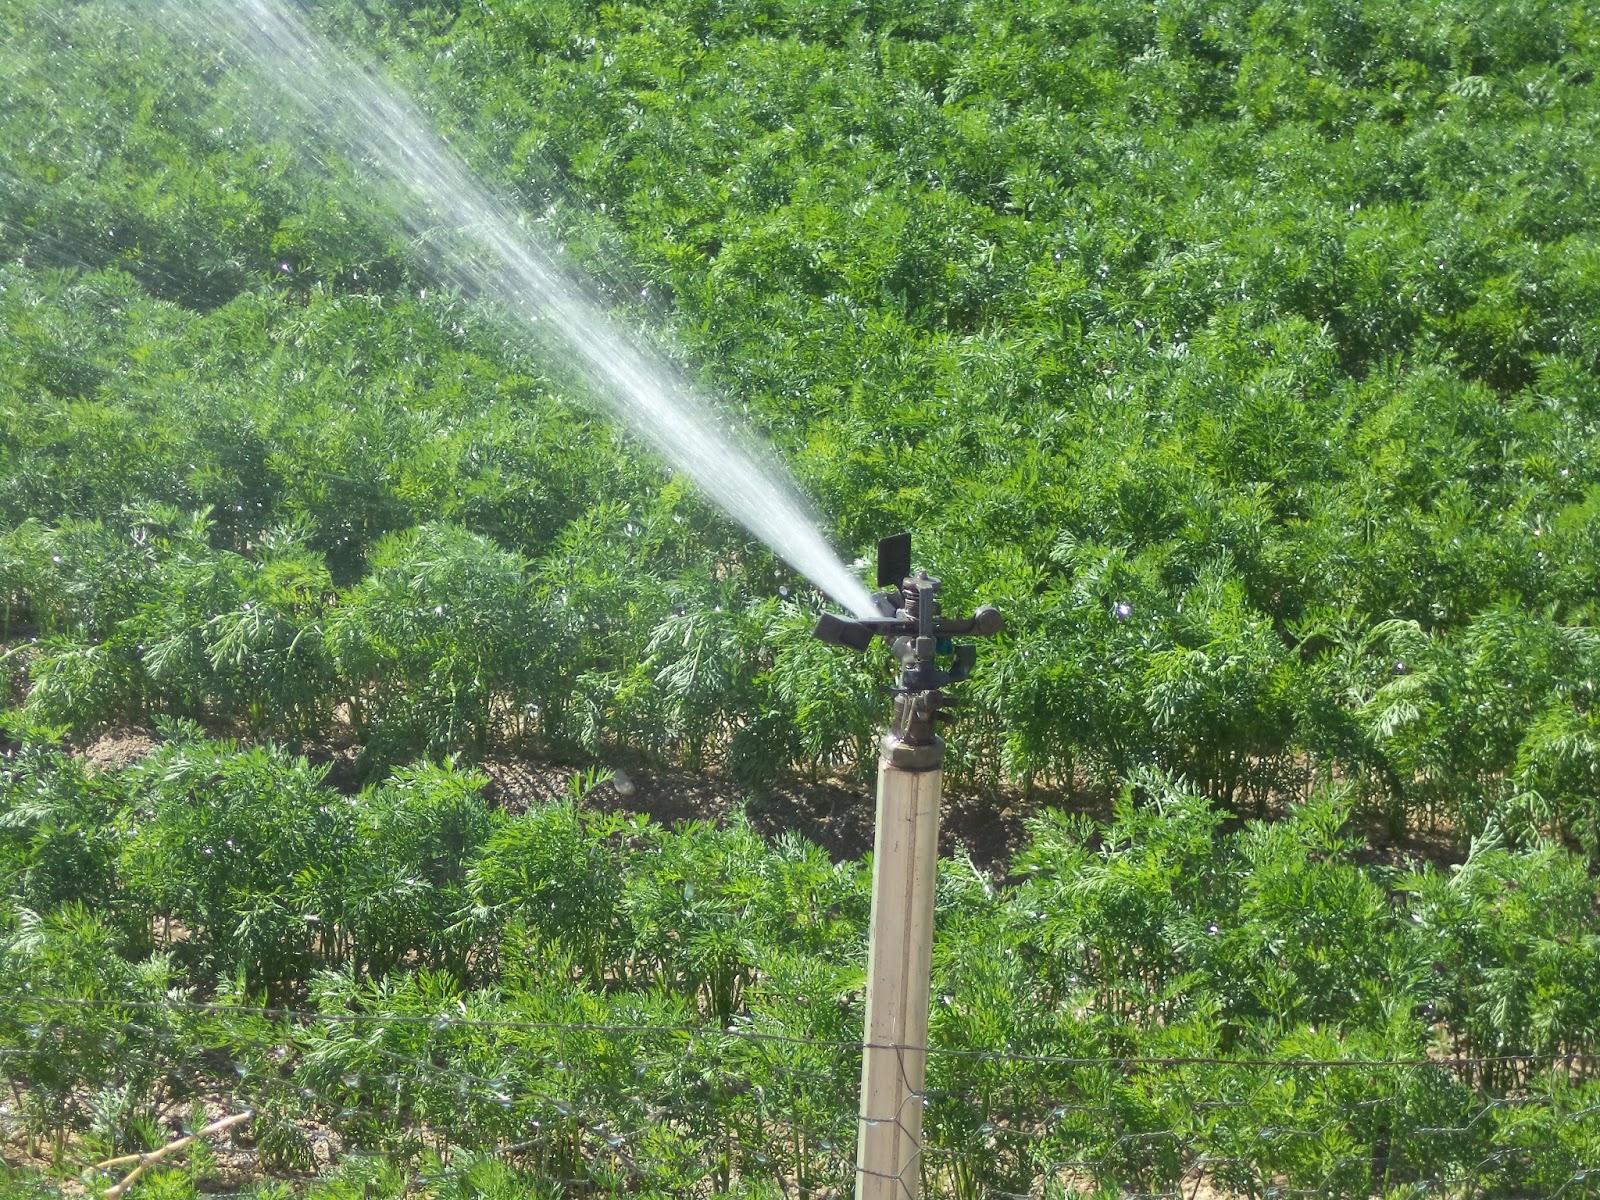 Abeceagrario regad o conocer la agricultura y la ganader a for Aspersores para riego